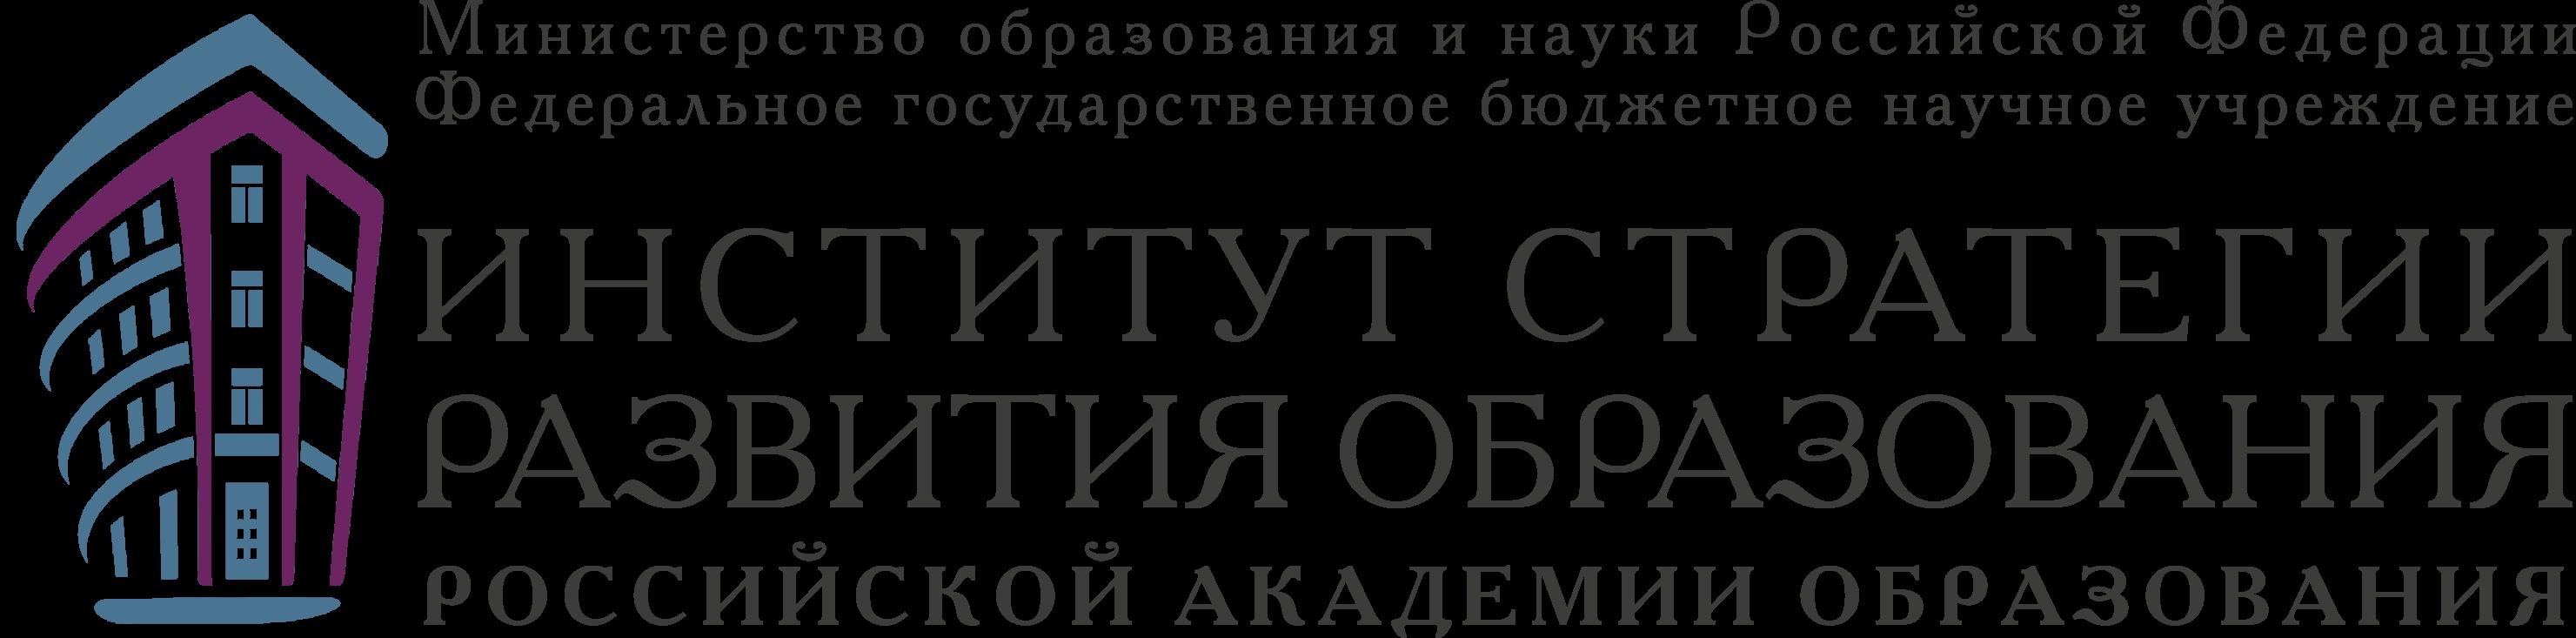 Логотип Института стратегии развития образования РАО